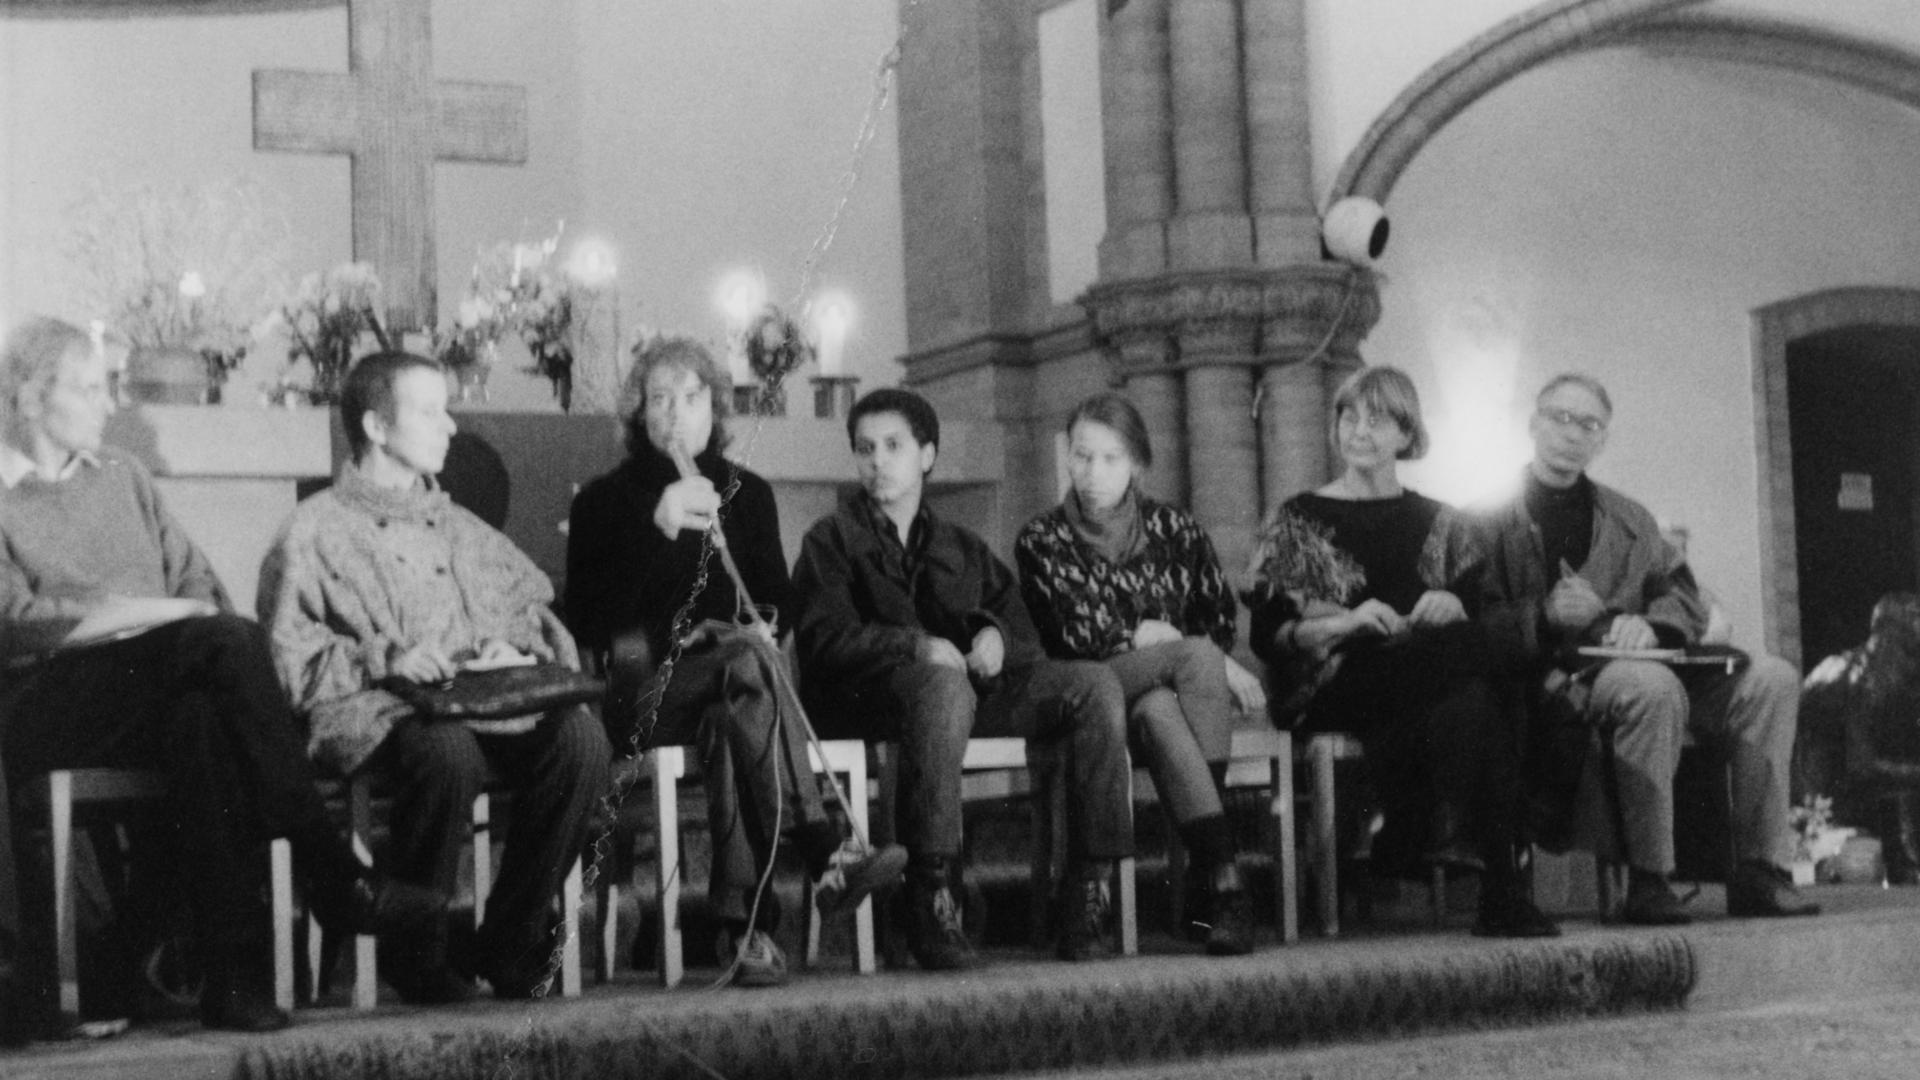 Dieses Foto aus Beständen des MfS zeigt die Teilnehmer einer Diskussionsrunde in der Gethsemanekirche. Vor dem Altar sitzt links außen der Theologe Erhart Neubert. Rechts außen ist die Bürgerrechtlerin Marianne Birthler und der Molekularbiologe Jens Reich, beide waren Mitbegründer des Neuen Forum, zu sehen.